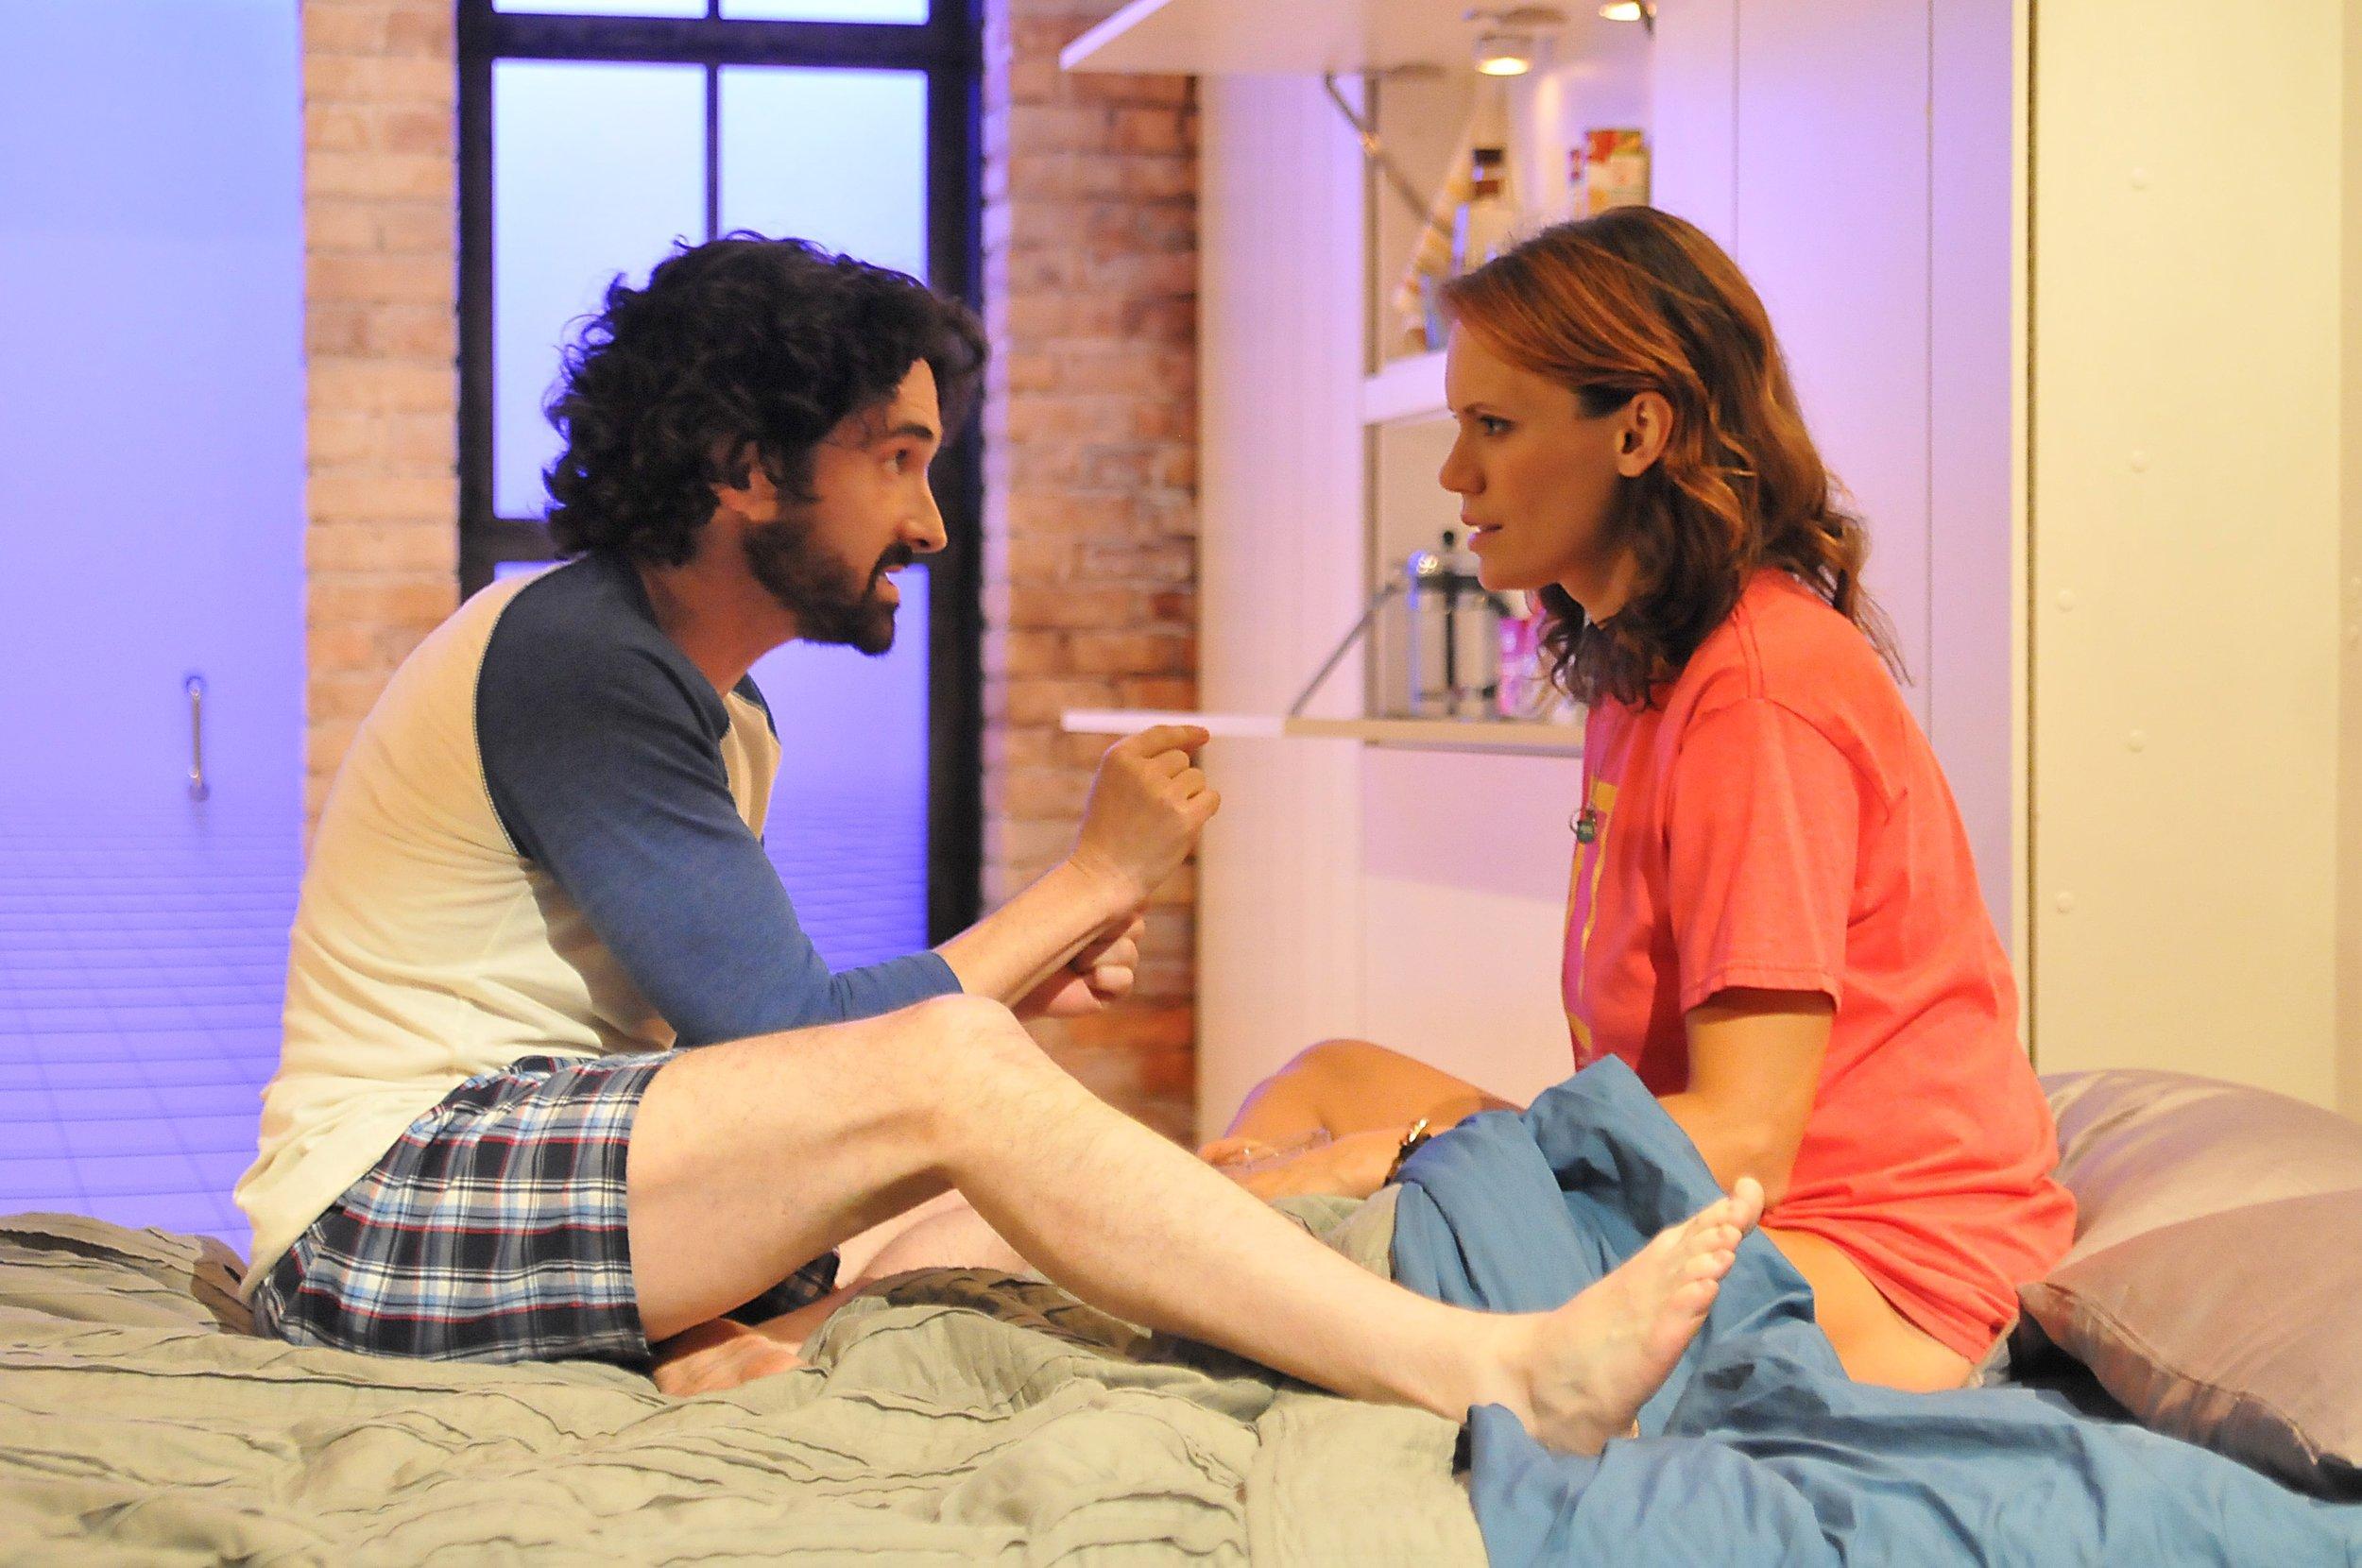 Steven Klein & Emily Swallow